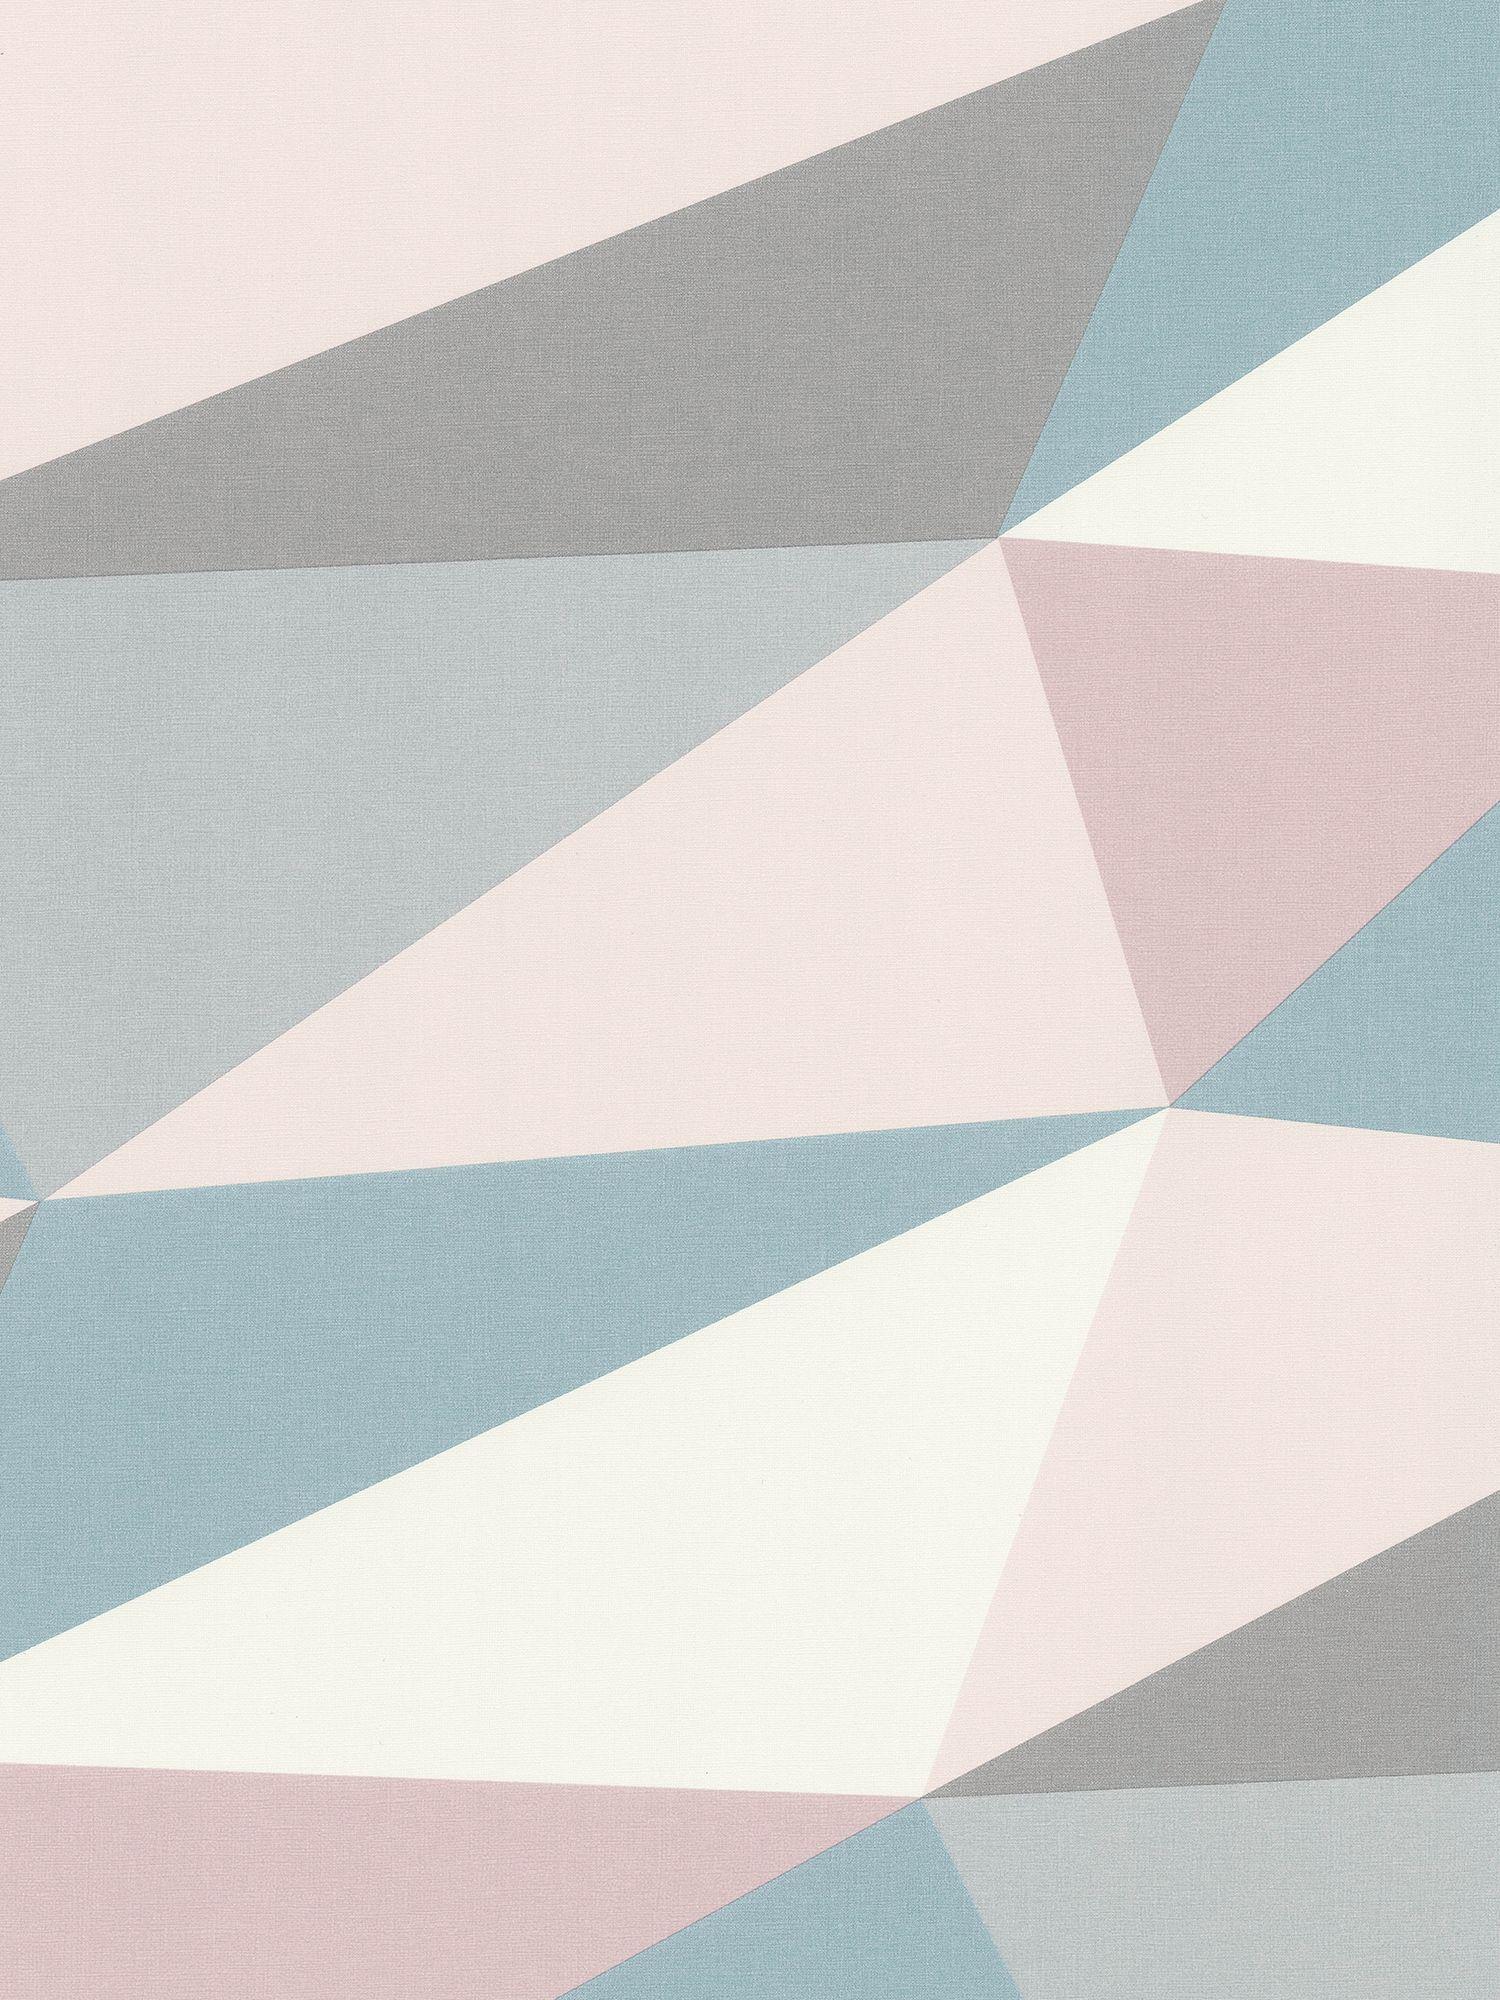 Galerie Galerie Triangle Geometric Wallpaper, 51183603